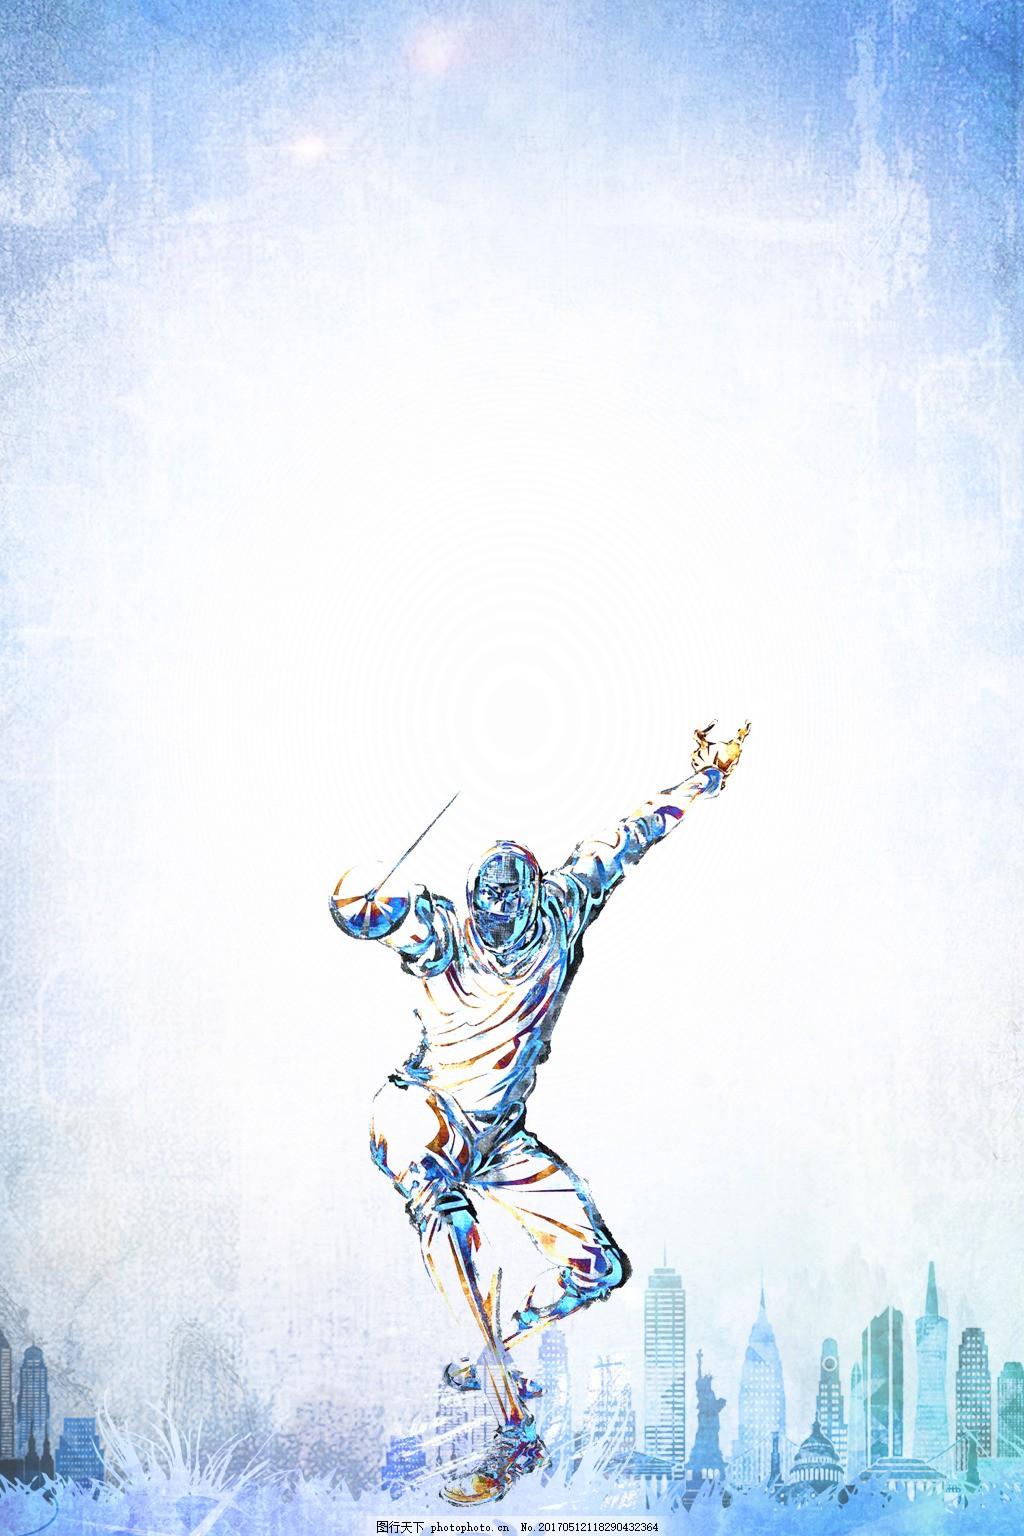 手绘水墨击剑背景 蓝色 渐变 边框 运动 武术